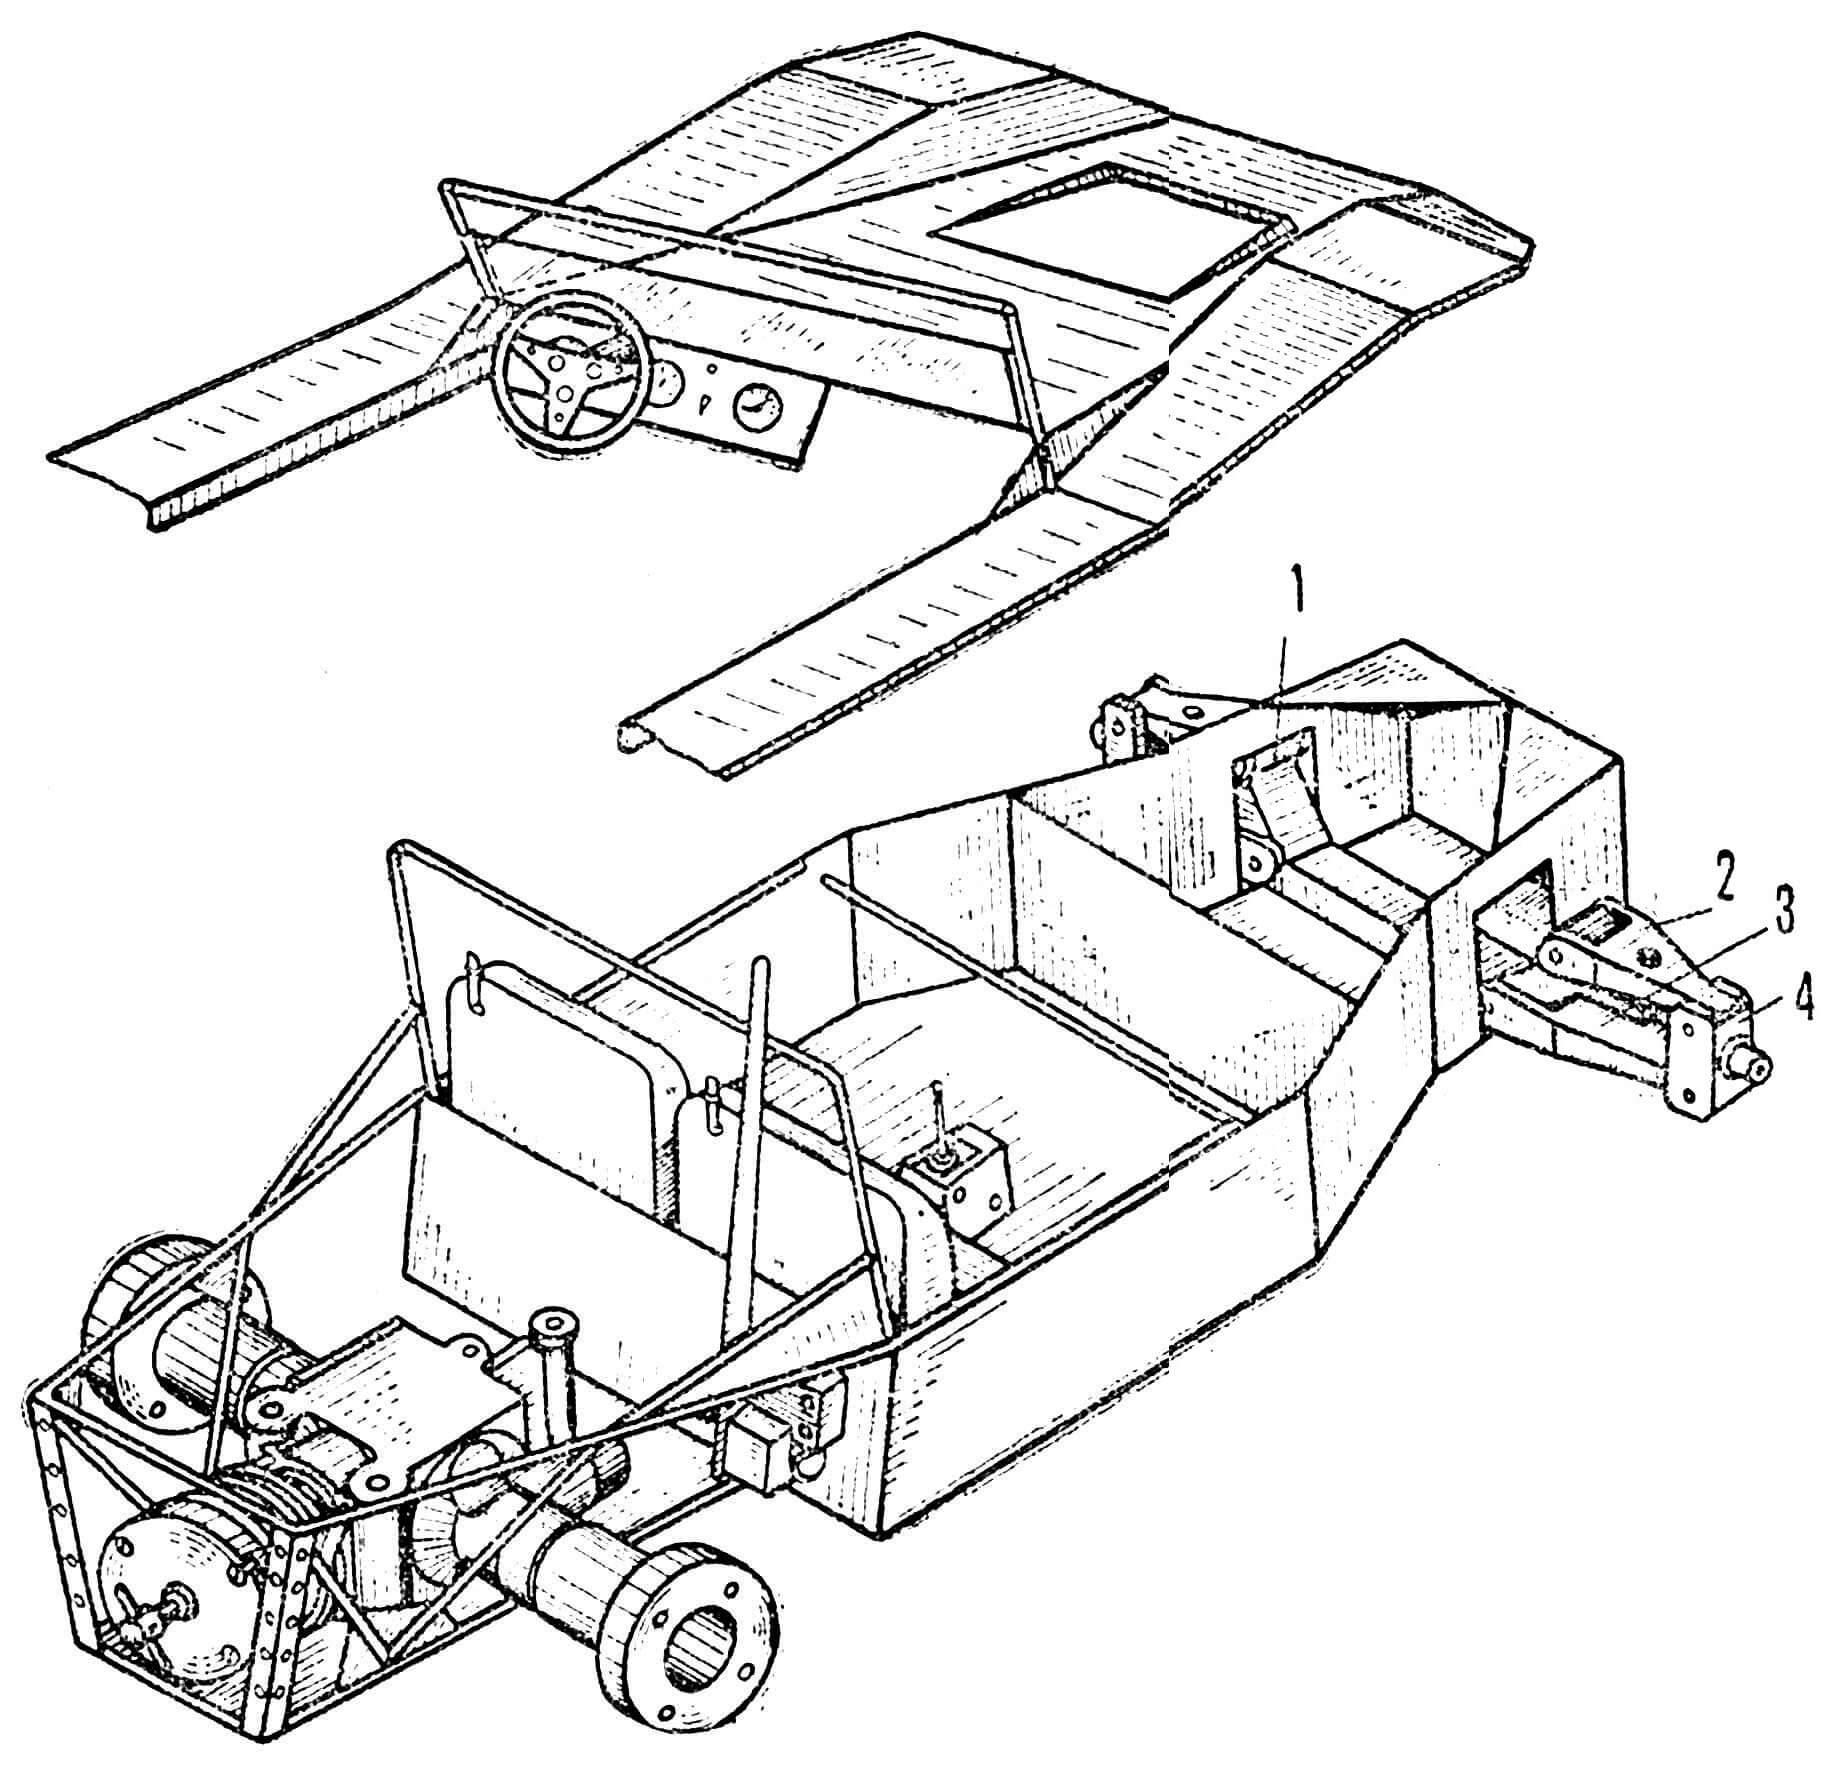 Компоновка узлов и некоторые наиболее сложные в изготовлении детали: 1 — балка переднего моста, Д-16Т, 2 — верхний рычаг подвески, Д-16Т, 3 — нижний рычаг подвески, то же, 4 — цапфа, то же.